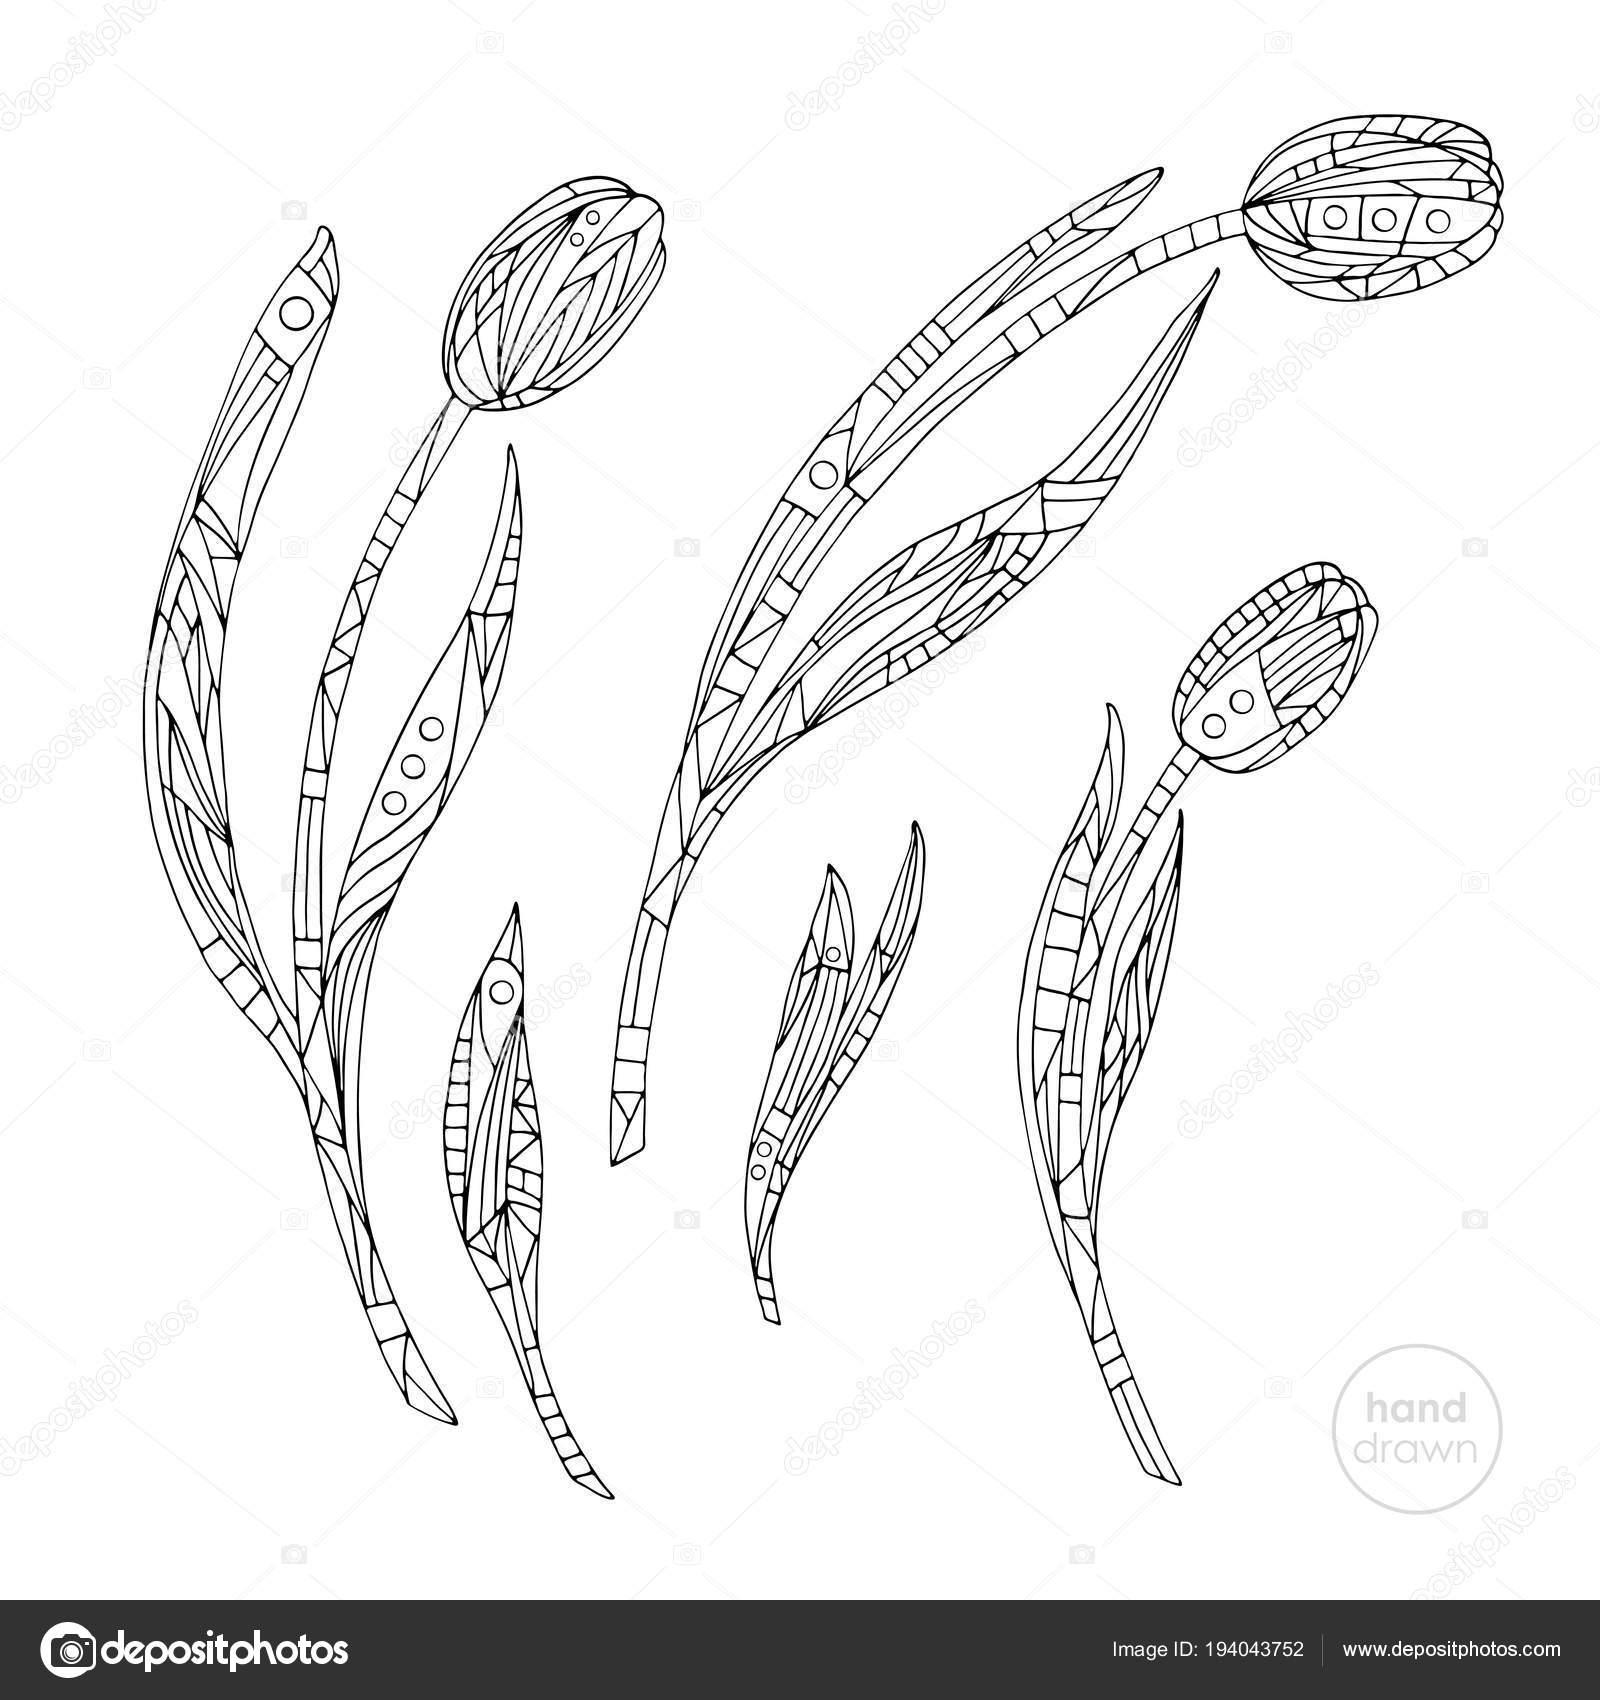 Lale Sayfa Boyama Elle çizilmiş Soyut çiçek Illüstrasyon Vektör